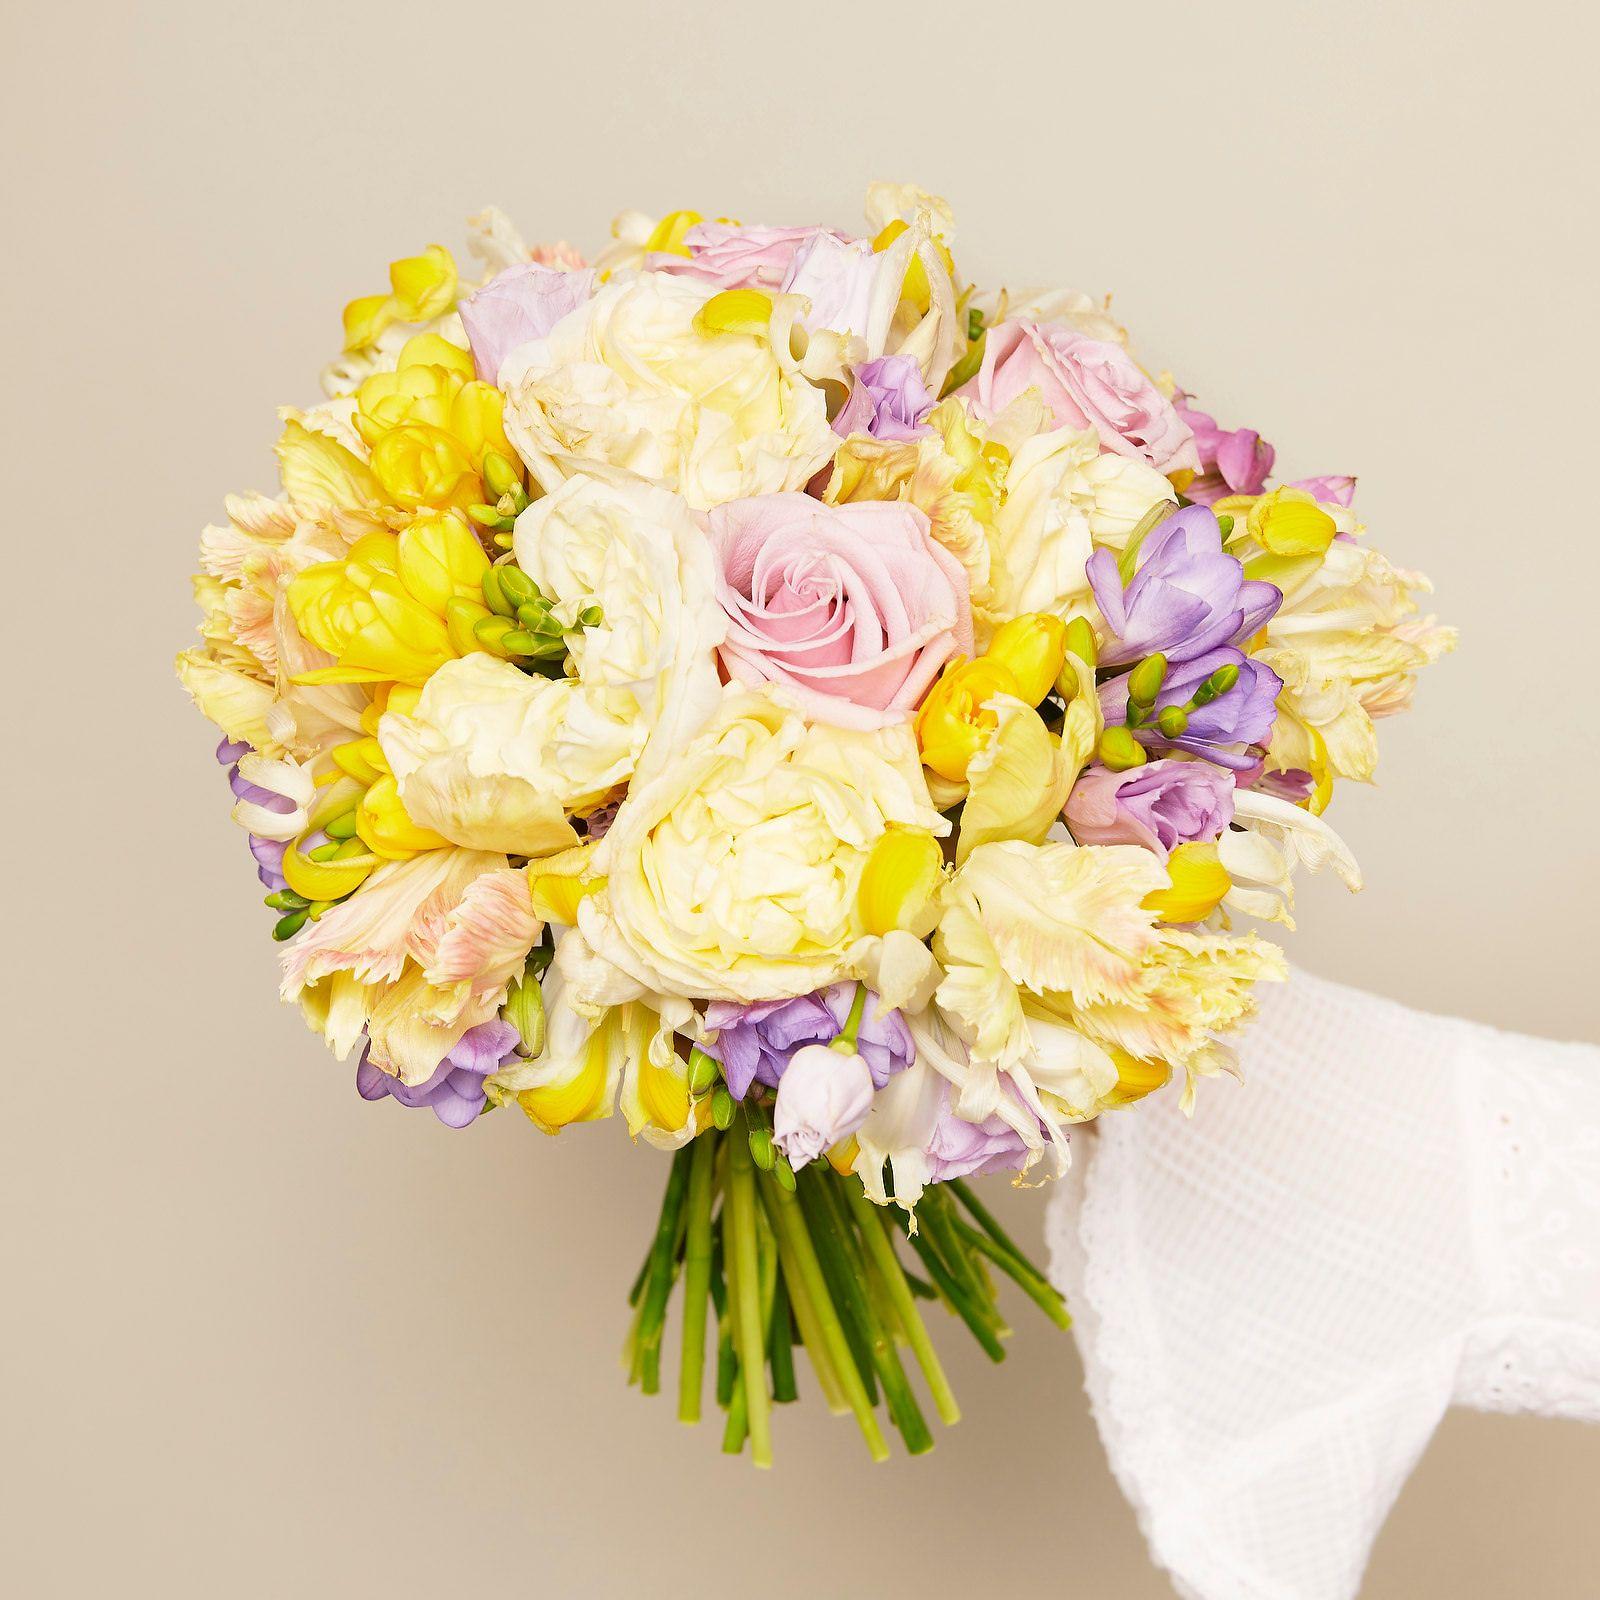 Fotografii buchete și aranjamente florale